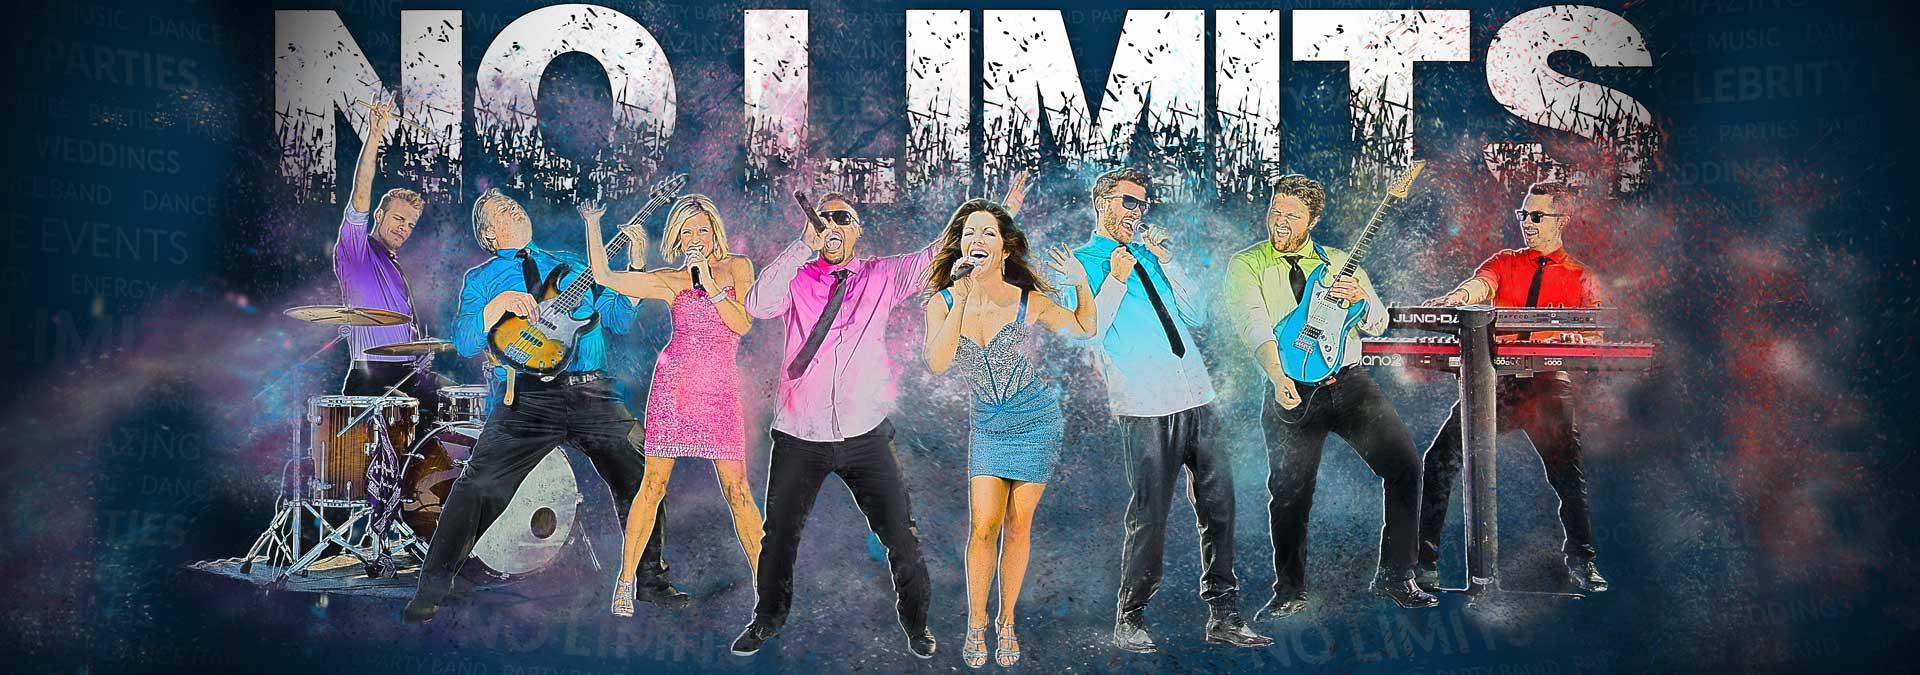 No Limits Band Composite Image